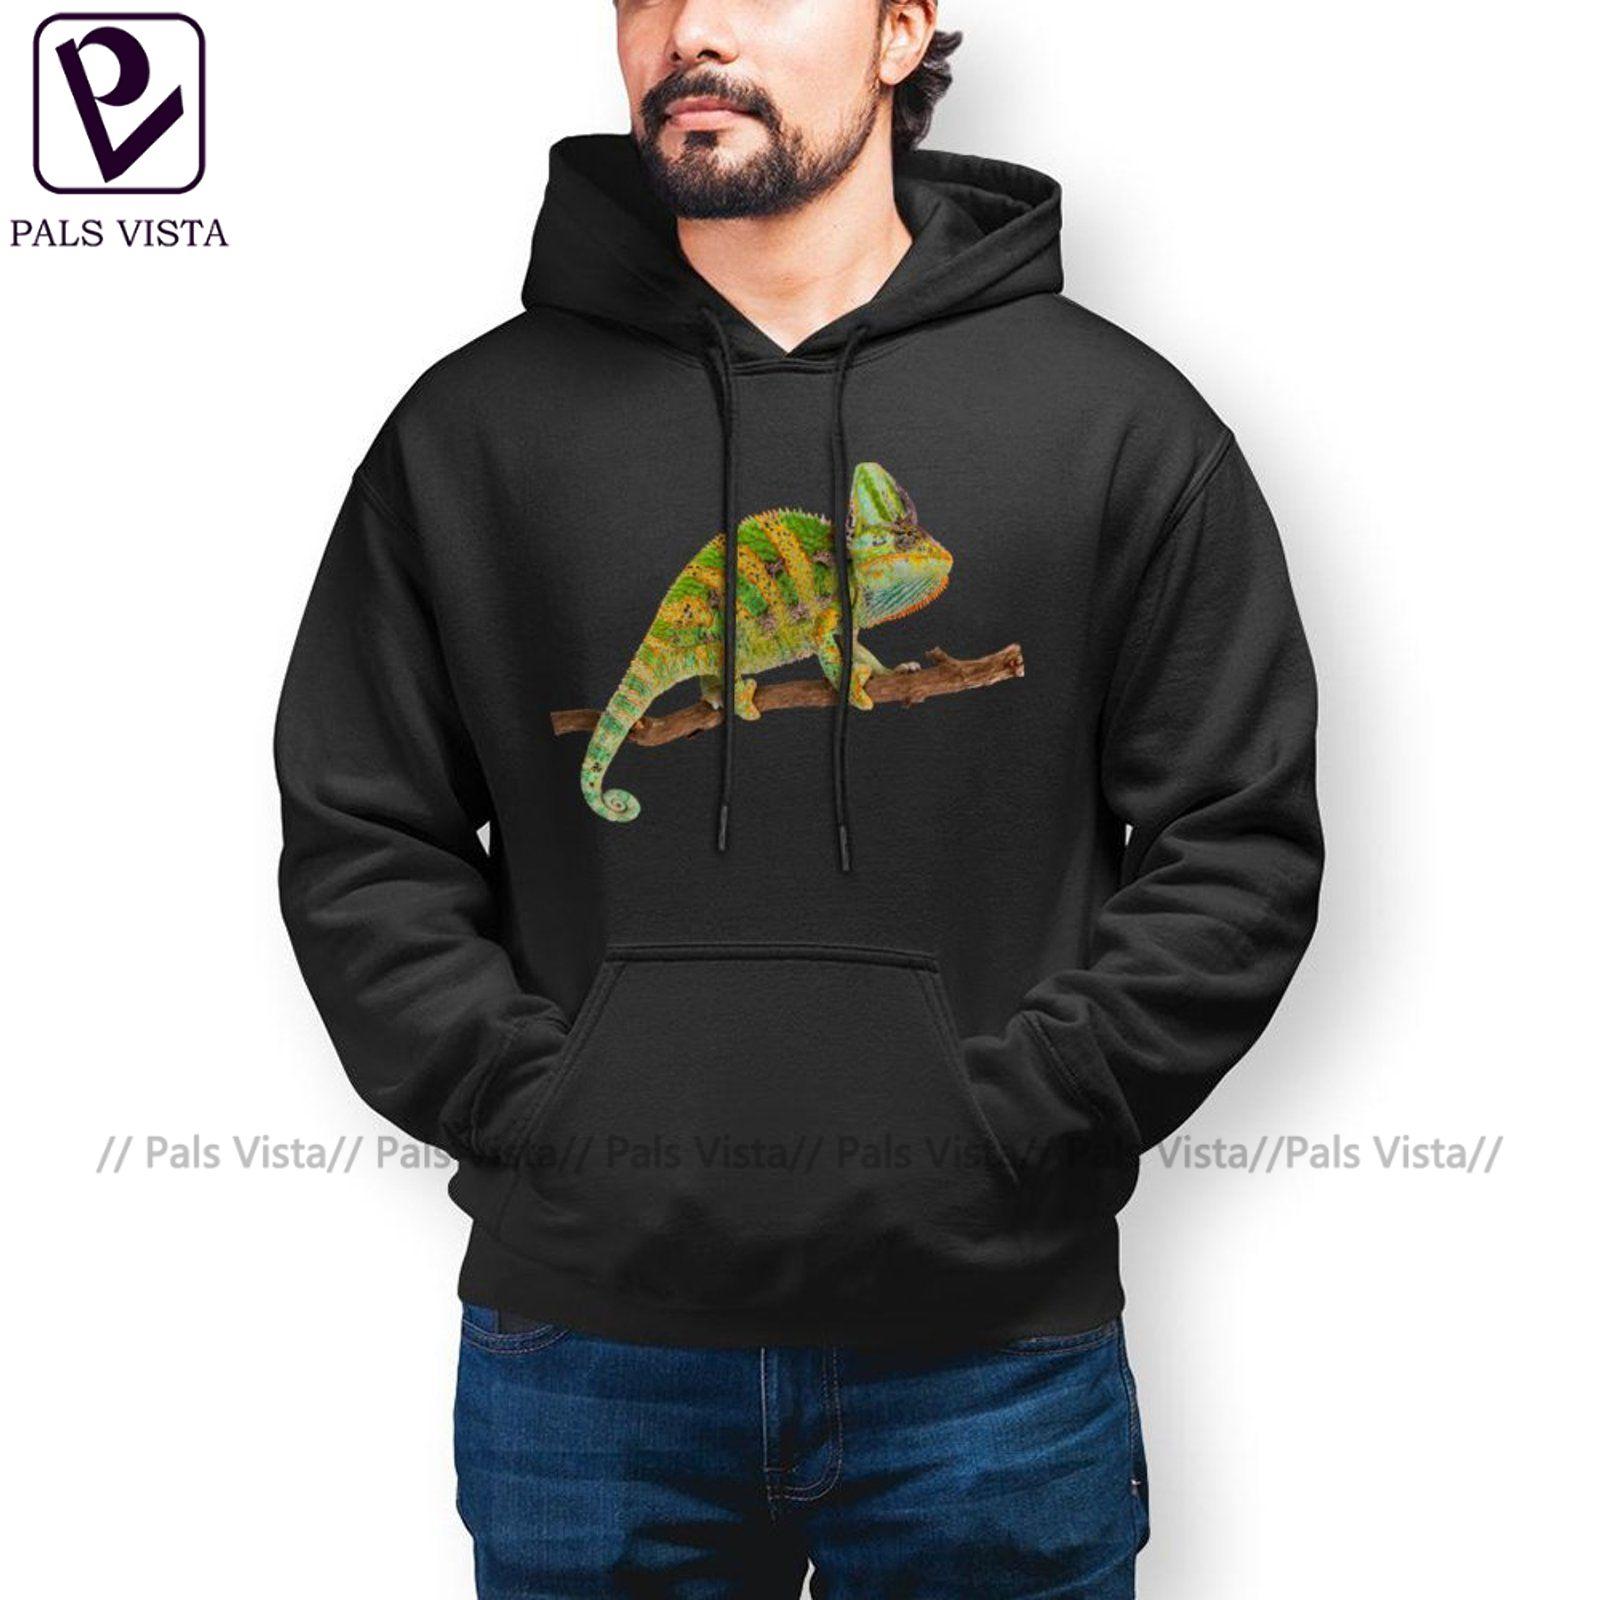 Осенние толстовки с капюшоном в стиле хамелеон, хлопковый Свободный пуловер, толстовка с капюшоном, длинная модная мужская Толстовка XL